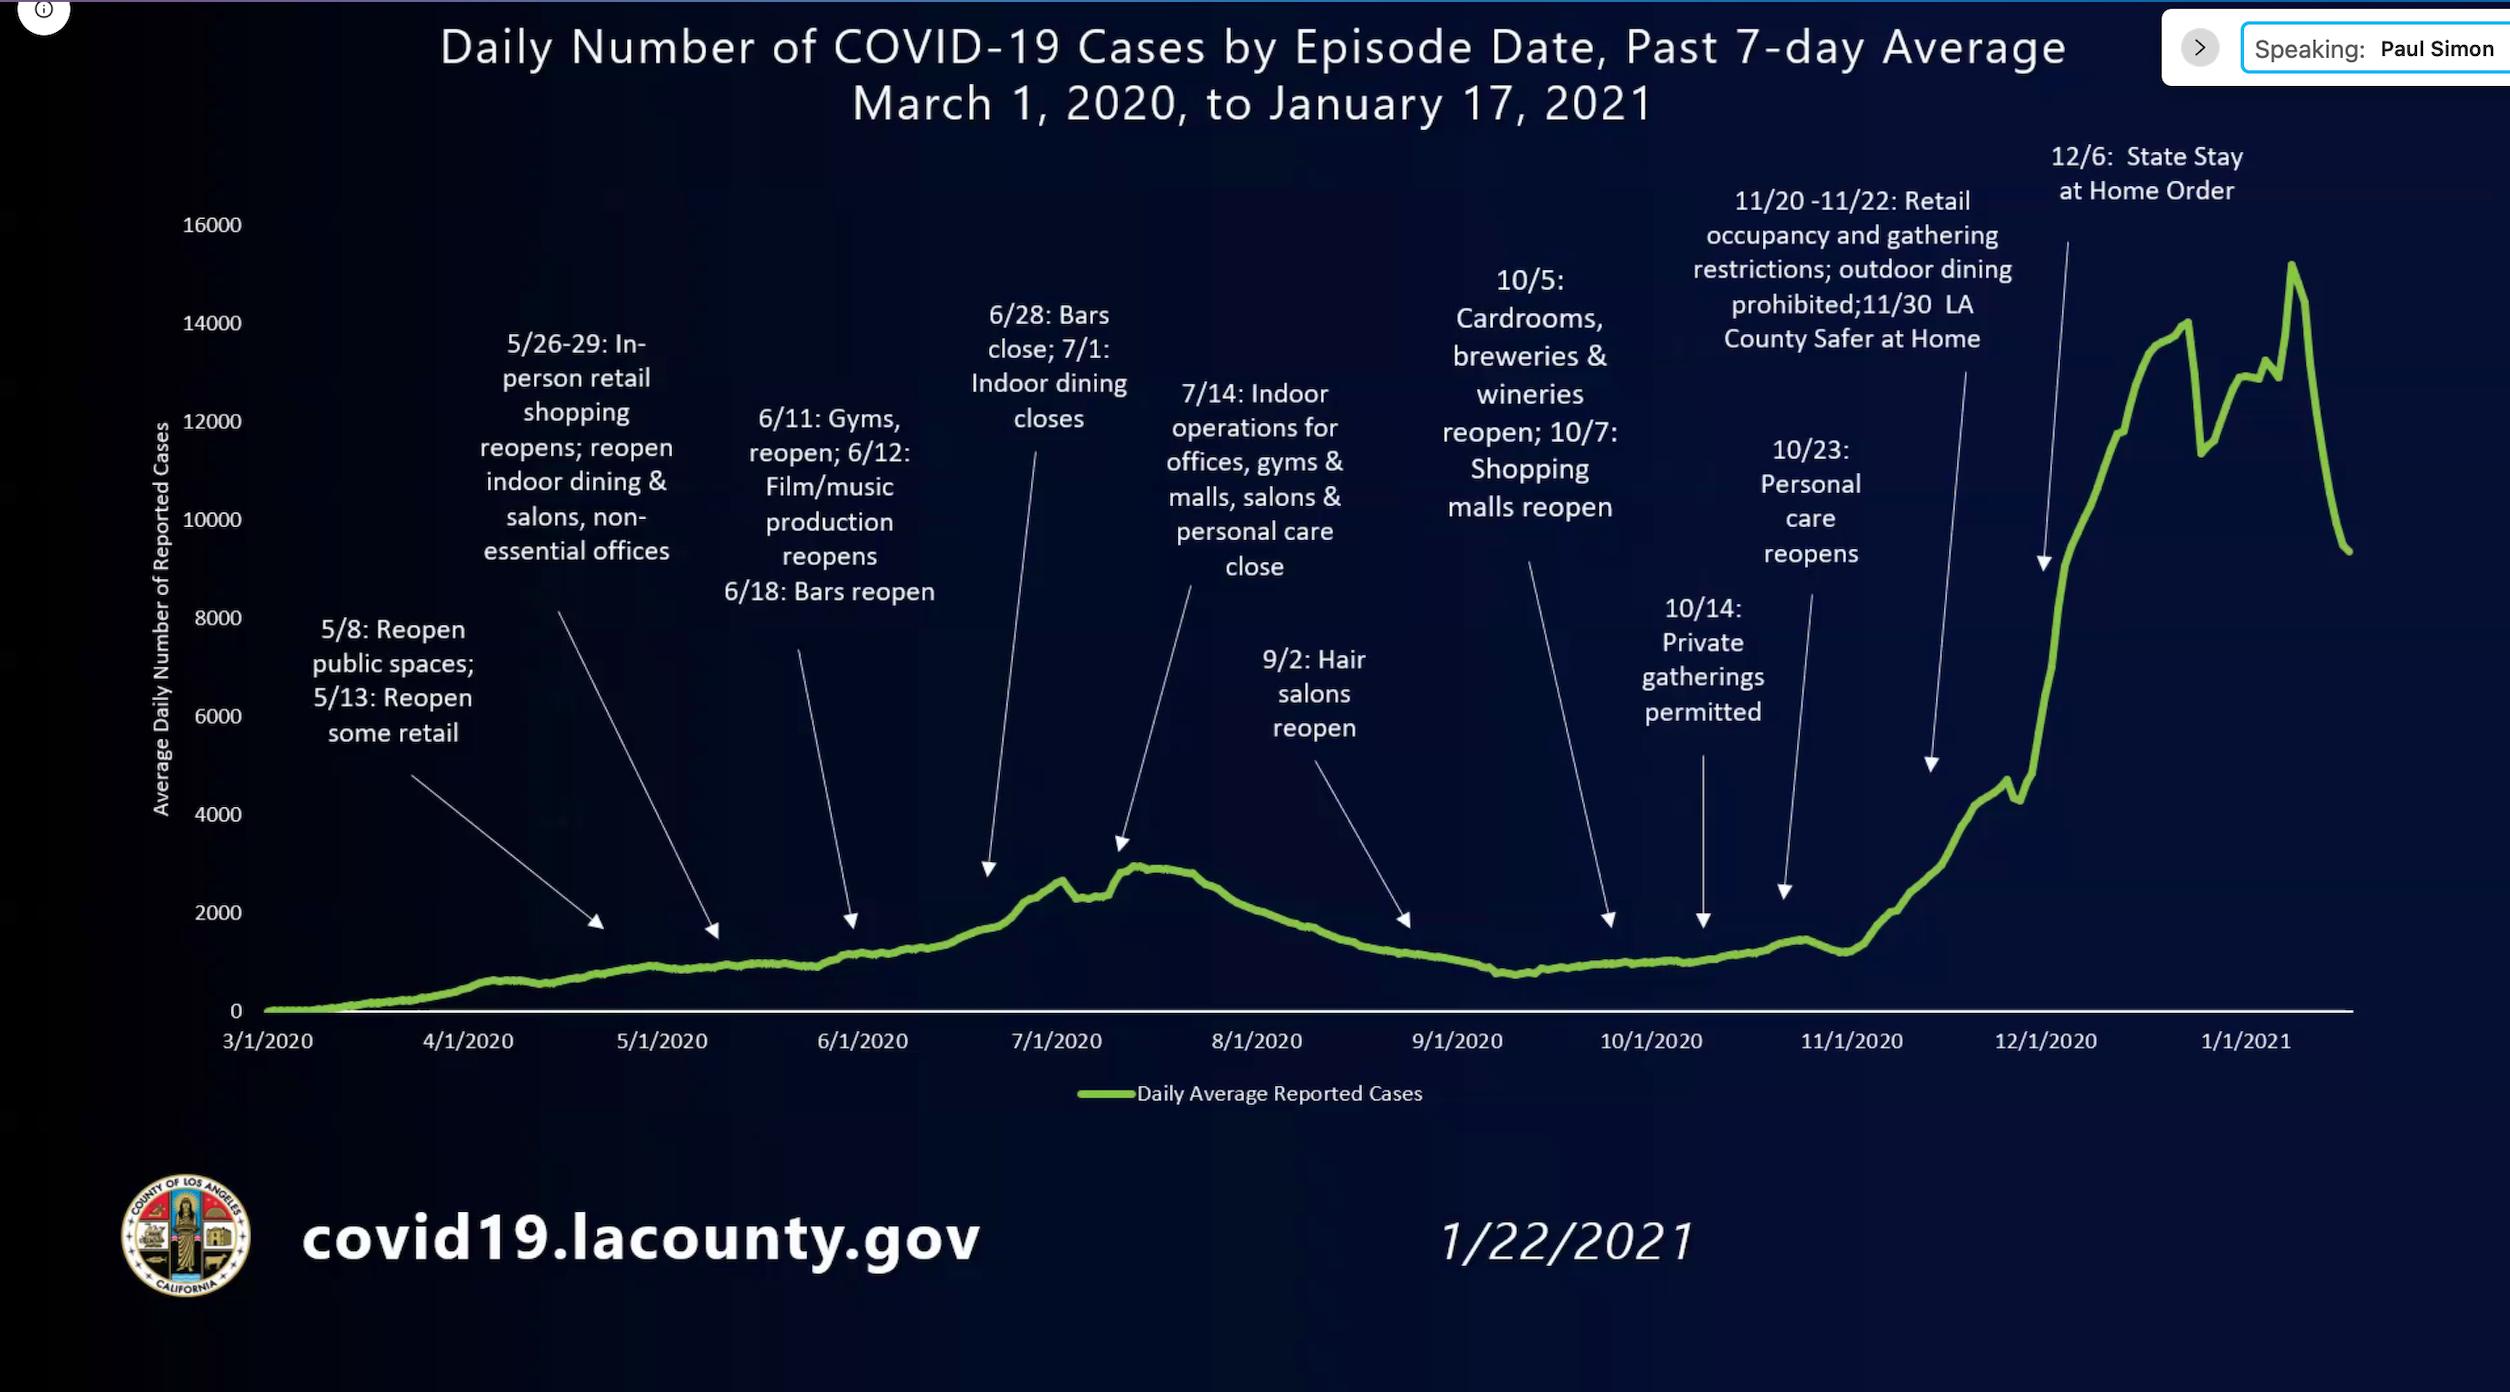 洛縣衛生局首席官稱過去7天平均數據顯示感染率稍有下降。視頻截圖